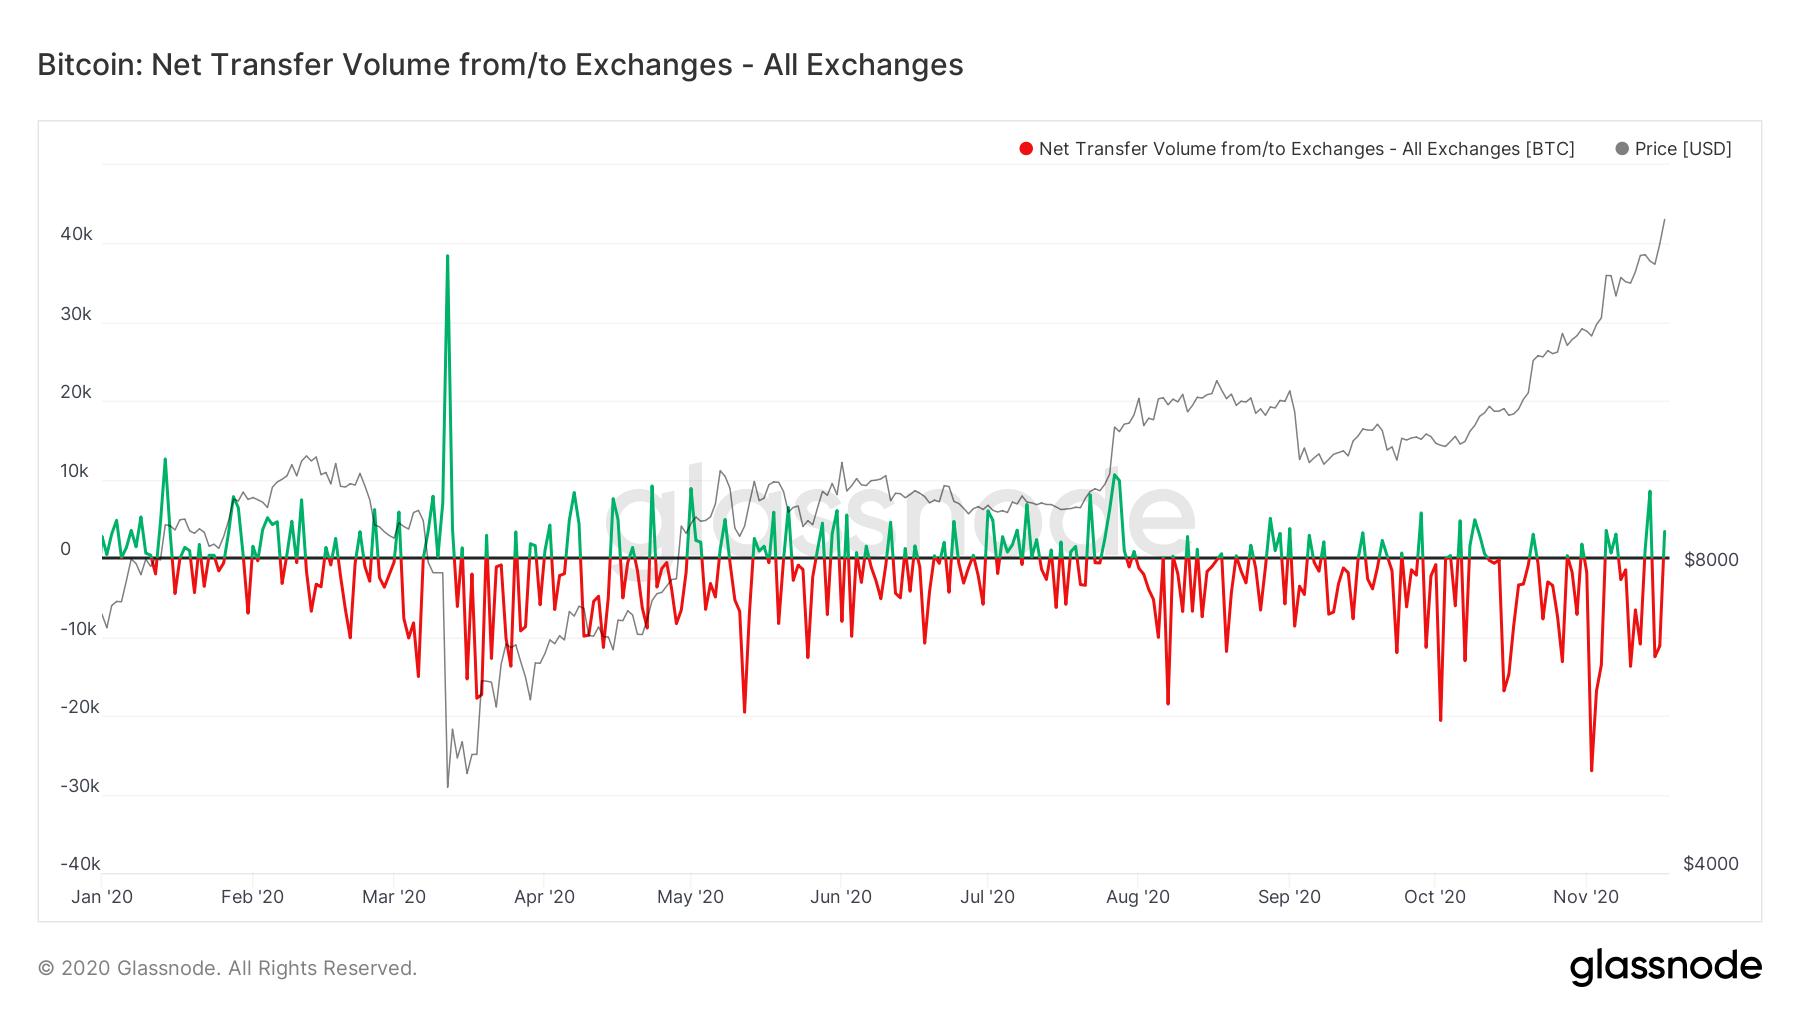 Bitcoin Glassnode data